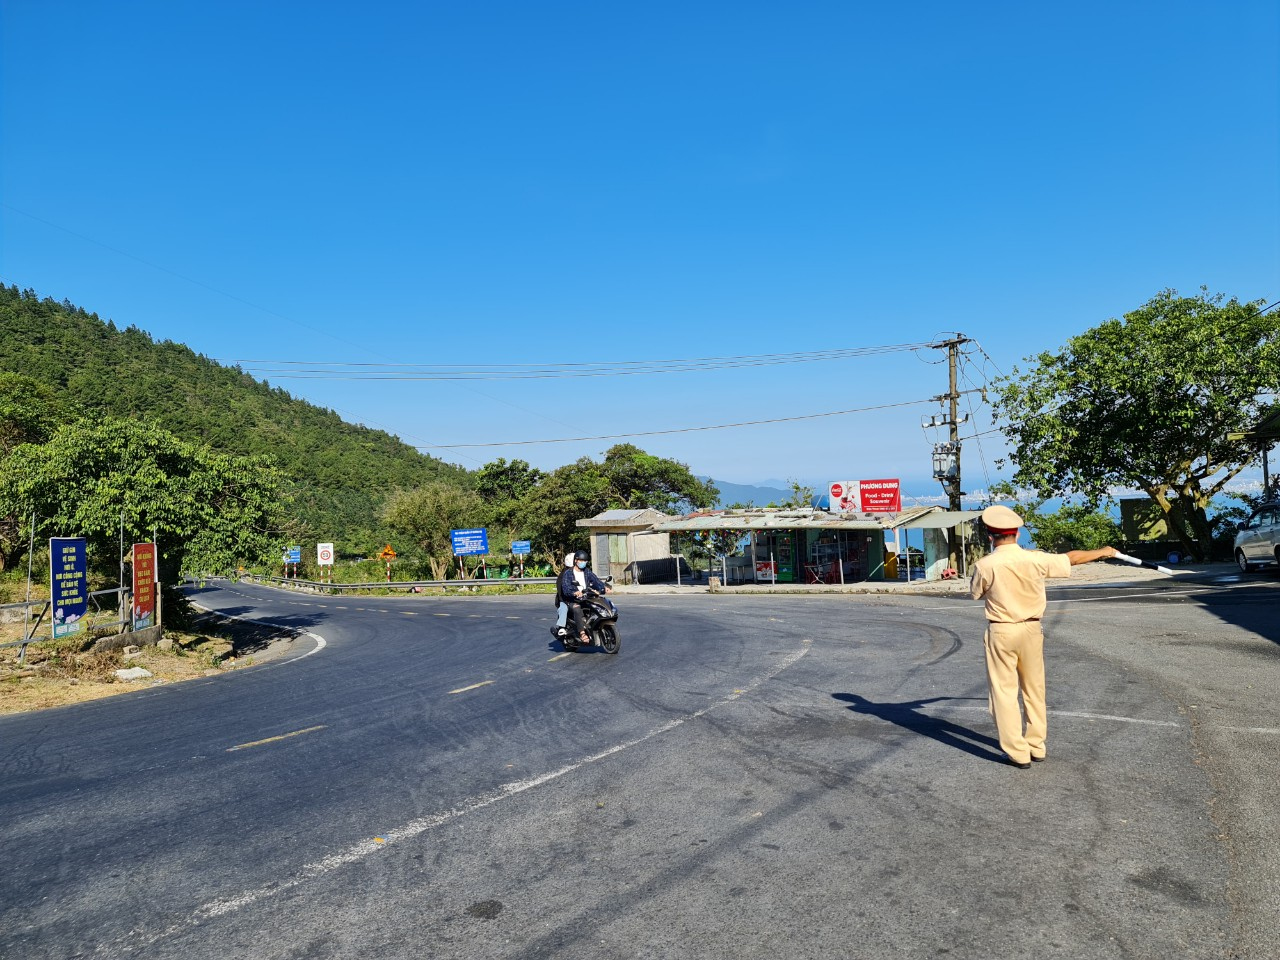 Kiểm soát xe máy về địa phương tại đèo Hải Vân